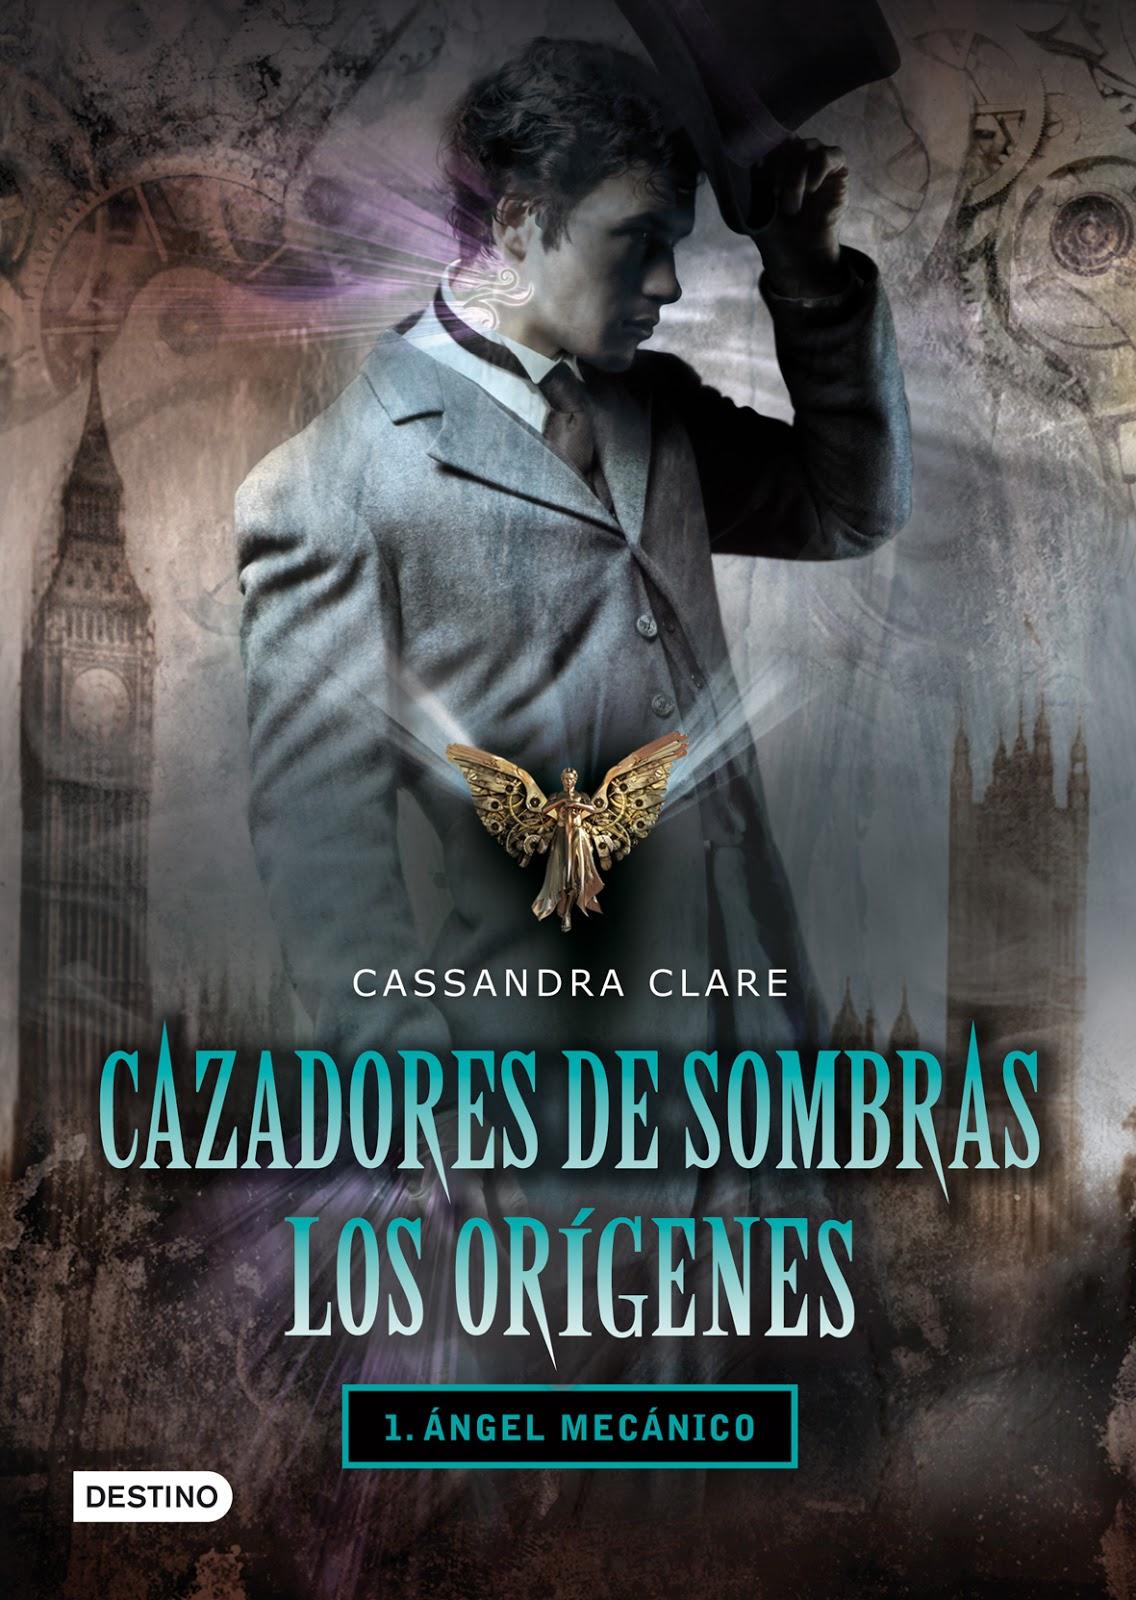 http://labibliotecadebella.blogspot.com.es/2016/03/cazadores-de-sombras-los-origenes-el.html